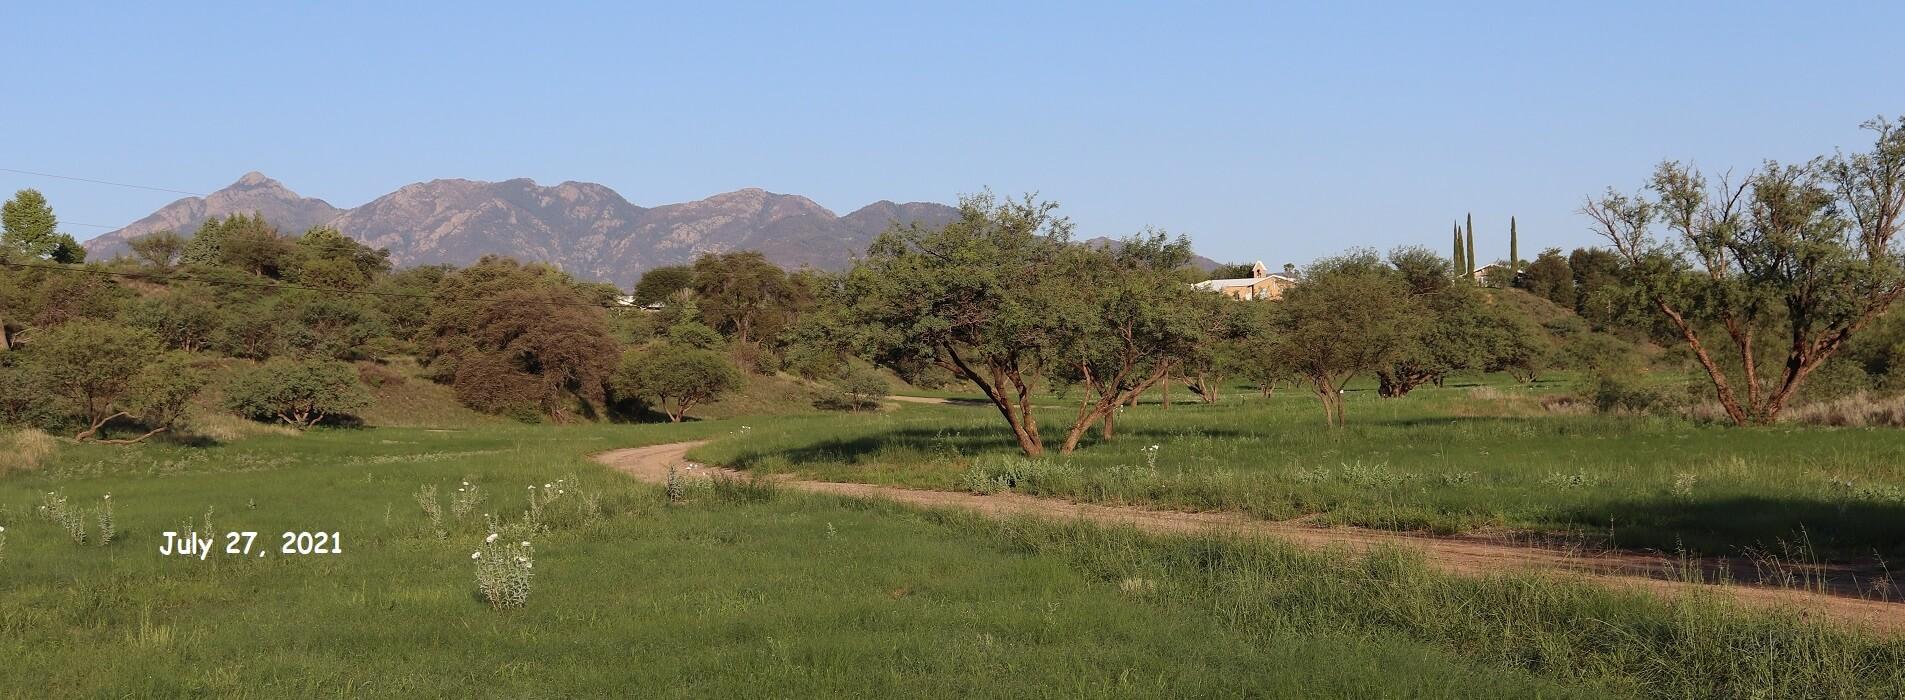 2021 07 24 abbey view green